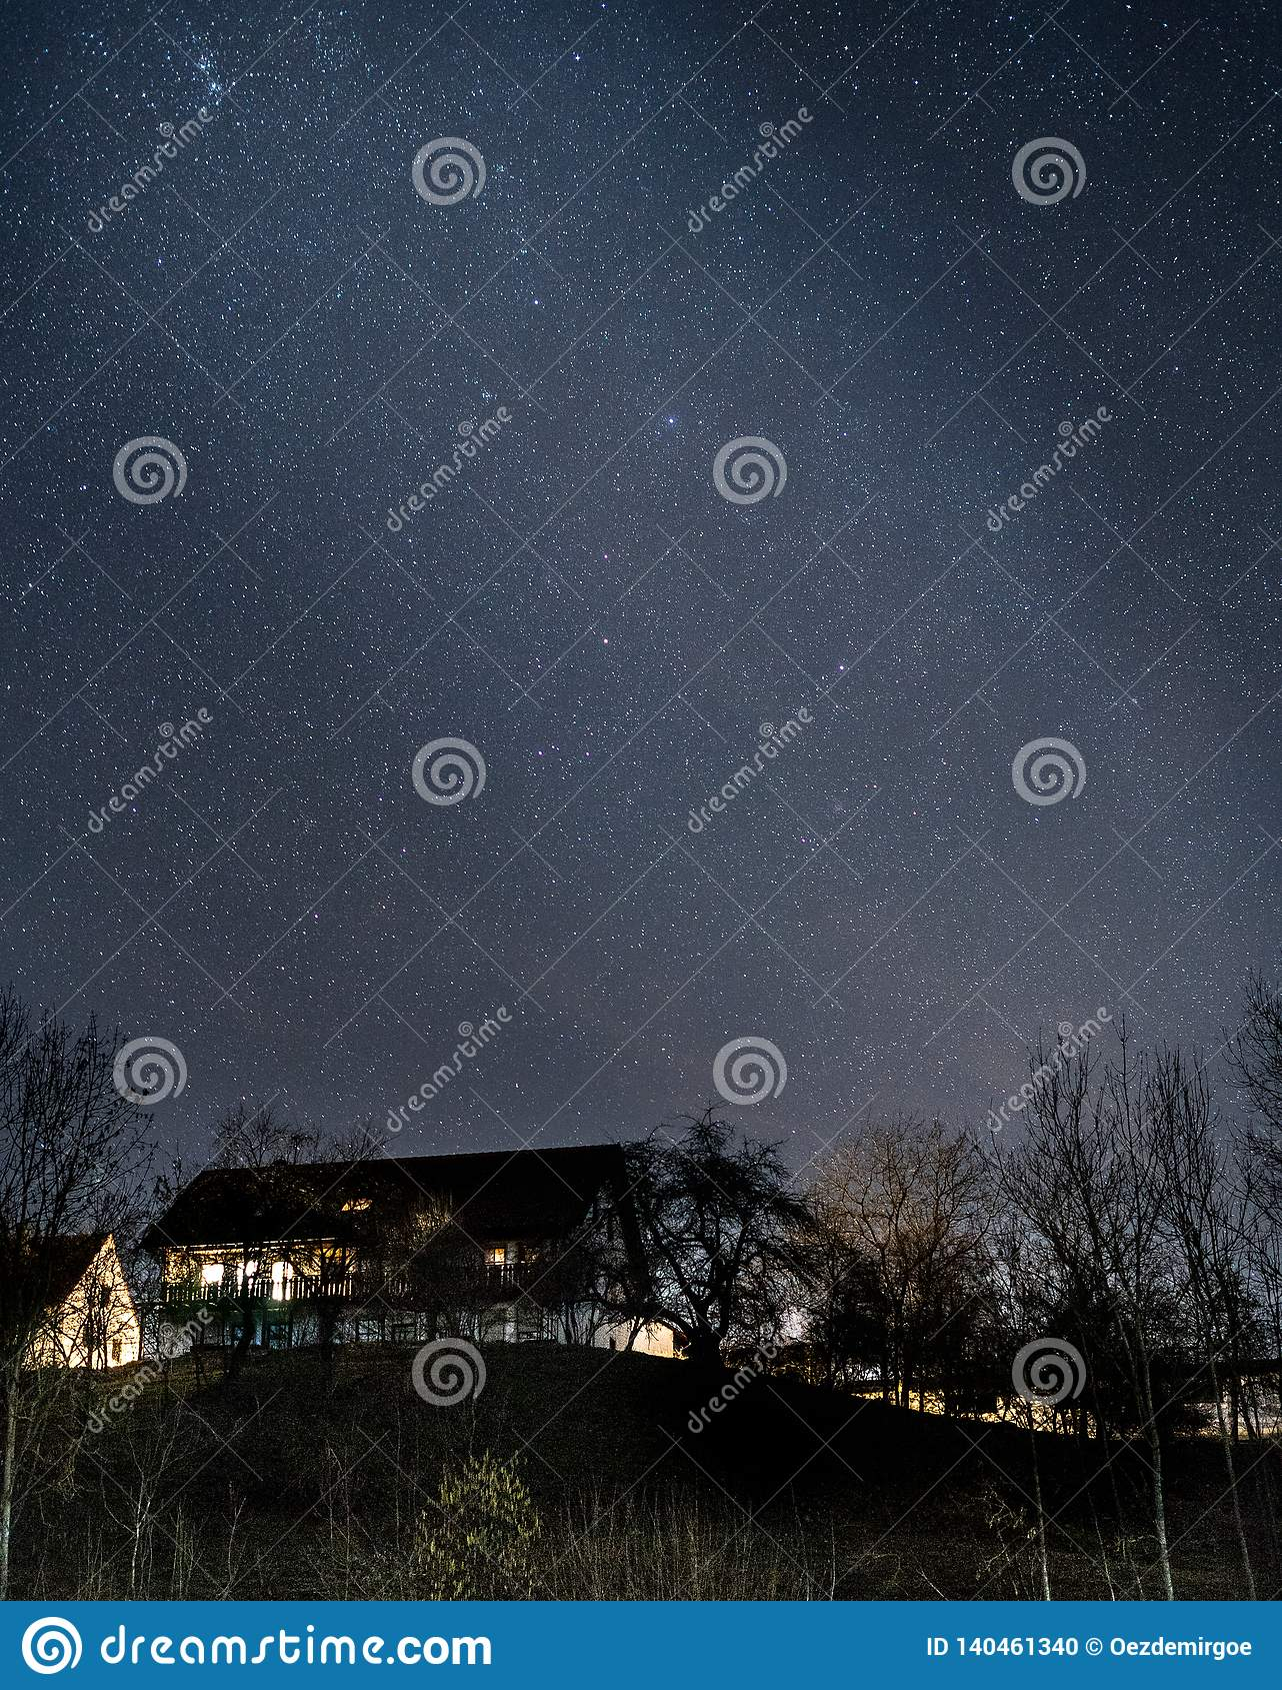 Ett fotografi av ett natthus med stjärnor i himlen i Tyskland